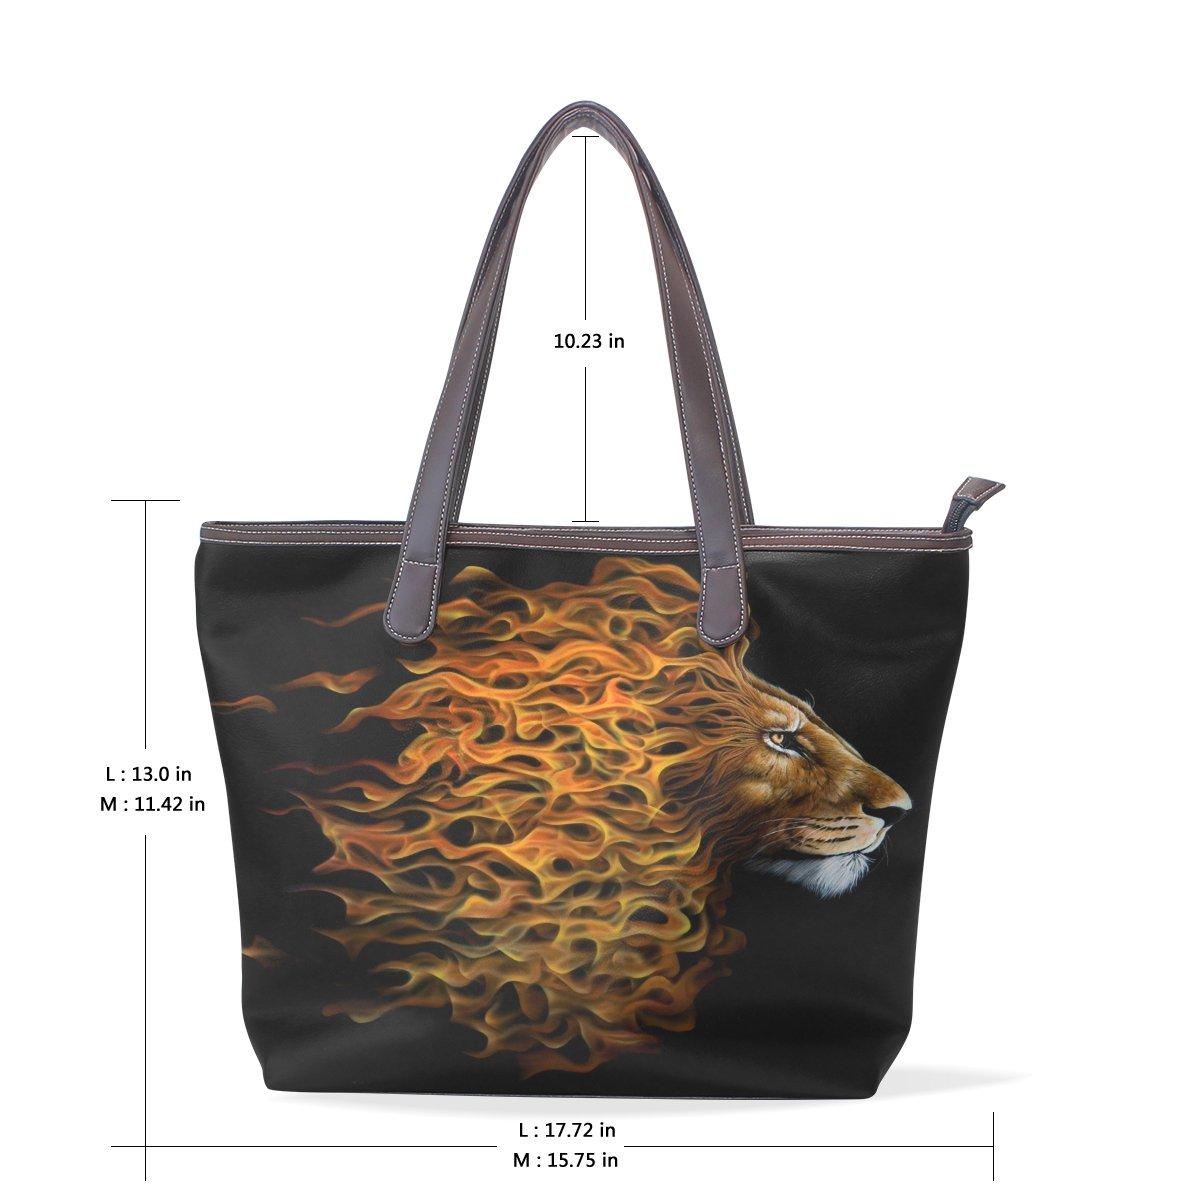 SCDS Fantasy Lion PU Leather Lady Handbag Tote Bag Zipper Shoulder Bag